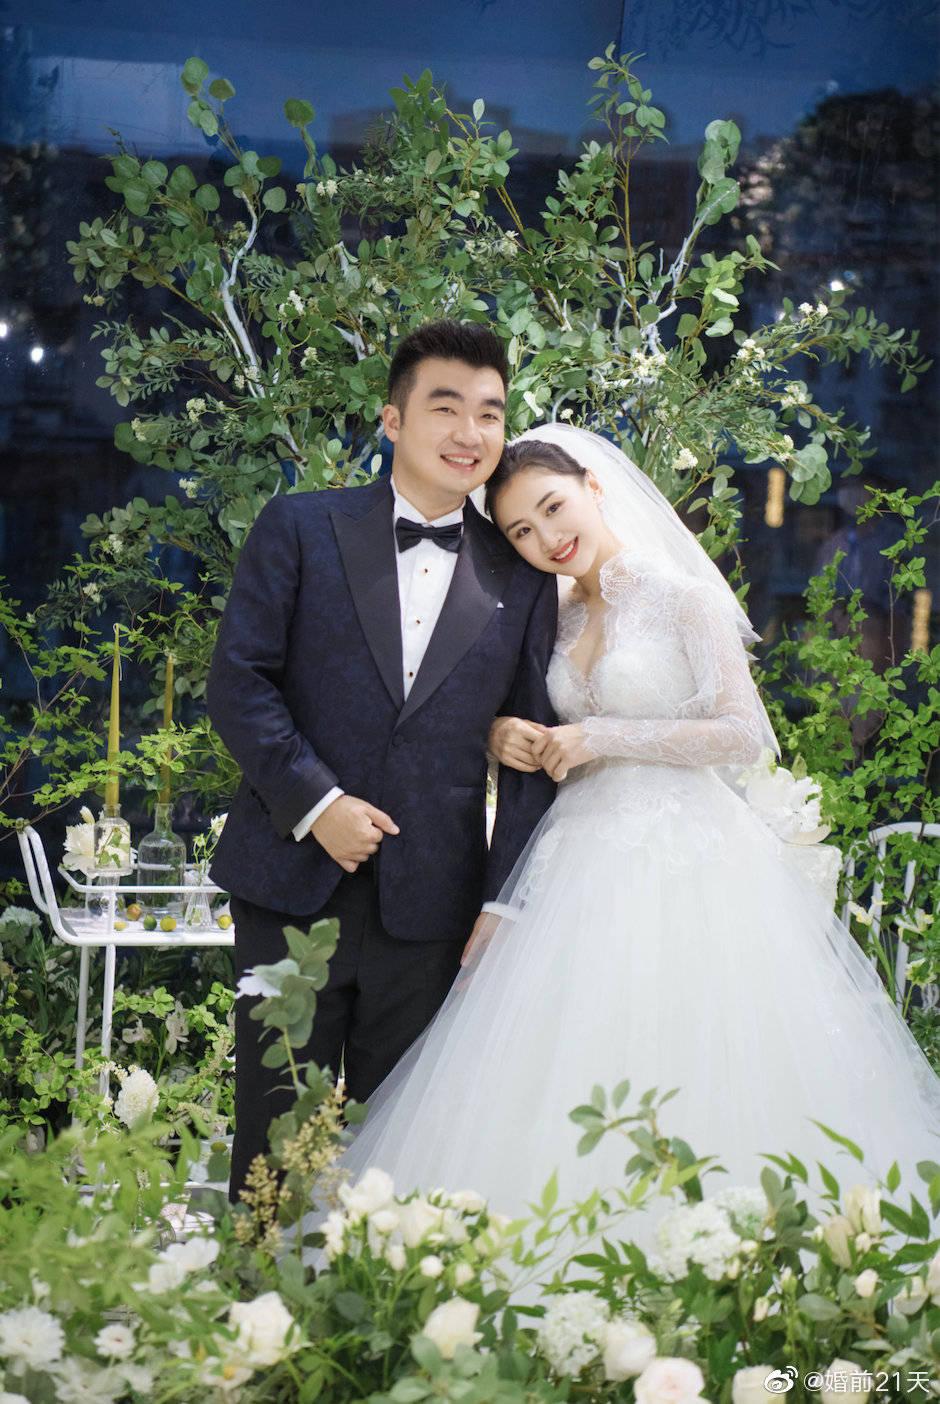 原创何雯娜身披白纱美翻!老公穿西装献舞,五个月大女儿见证父母婚礼